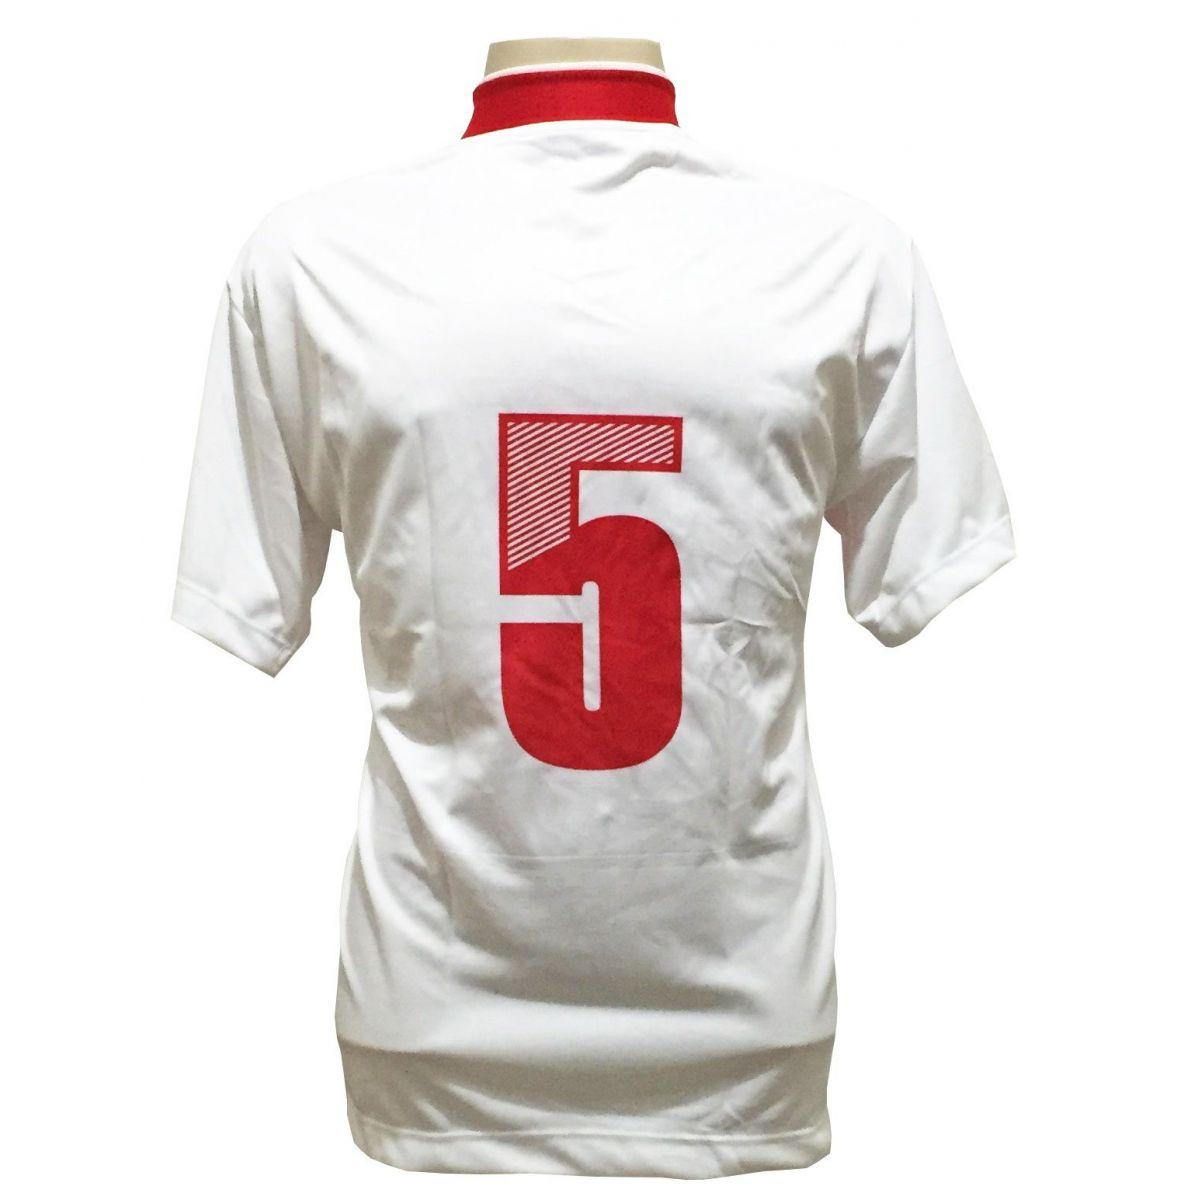 Uniforme Esportivo com 14 camisas modelo Suécia Branco/Vermelho + 14 calções modelo Madrid + 1 Goleiro + Brindes